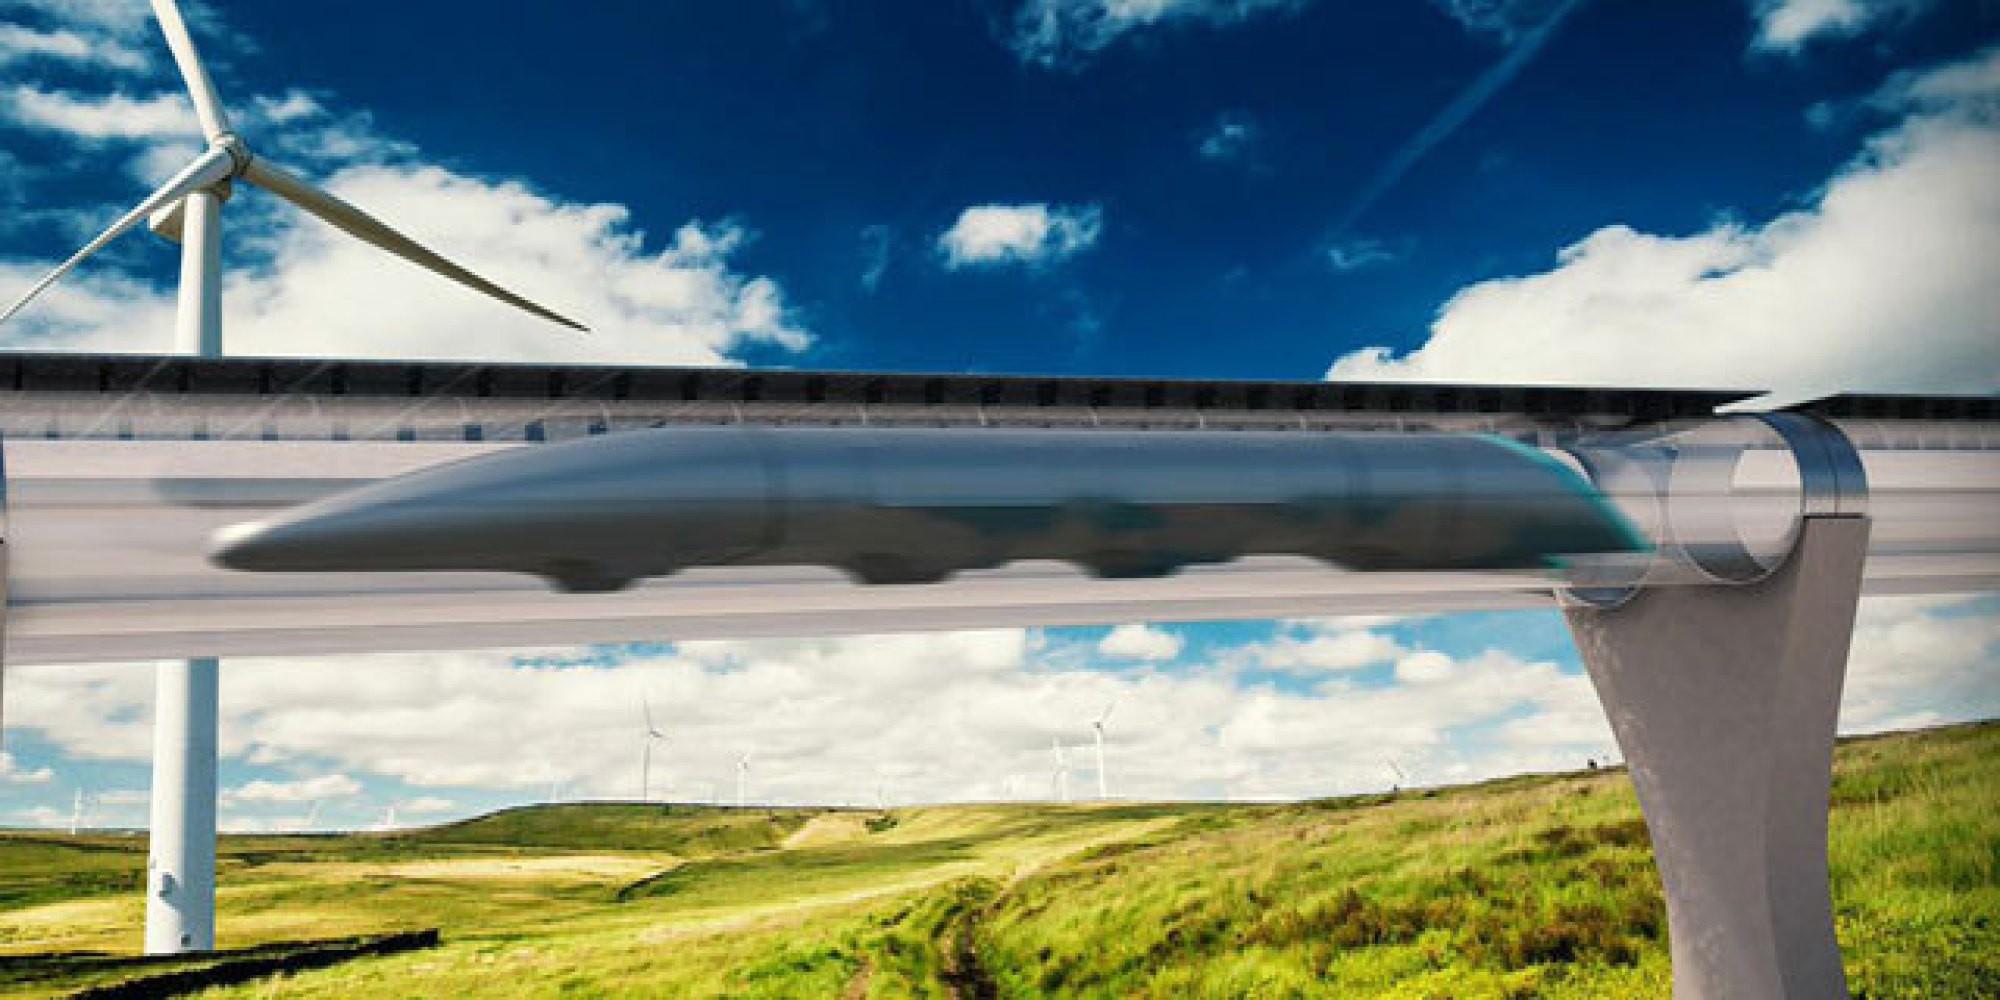 Как в Украине реализовывается проект Hyperloop - 1453625708_hyperloop